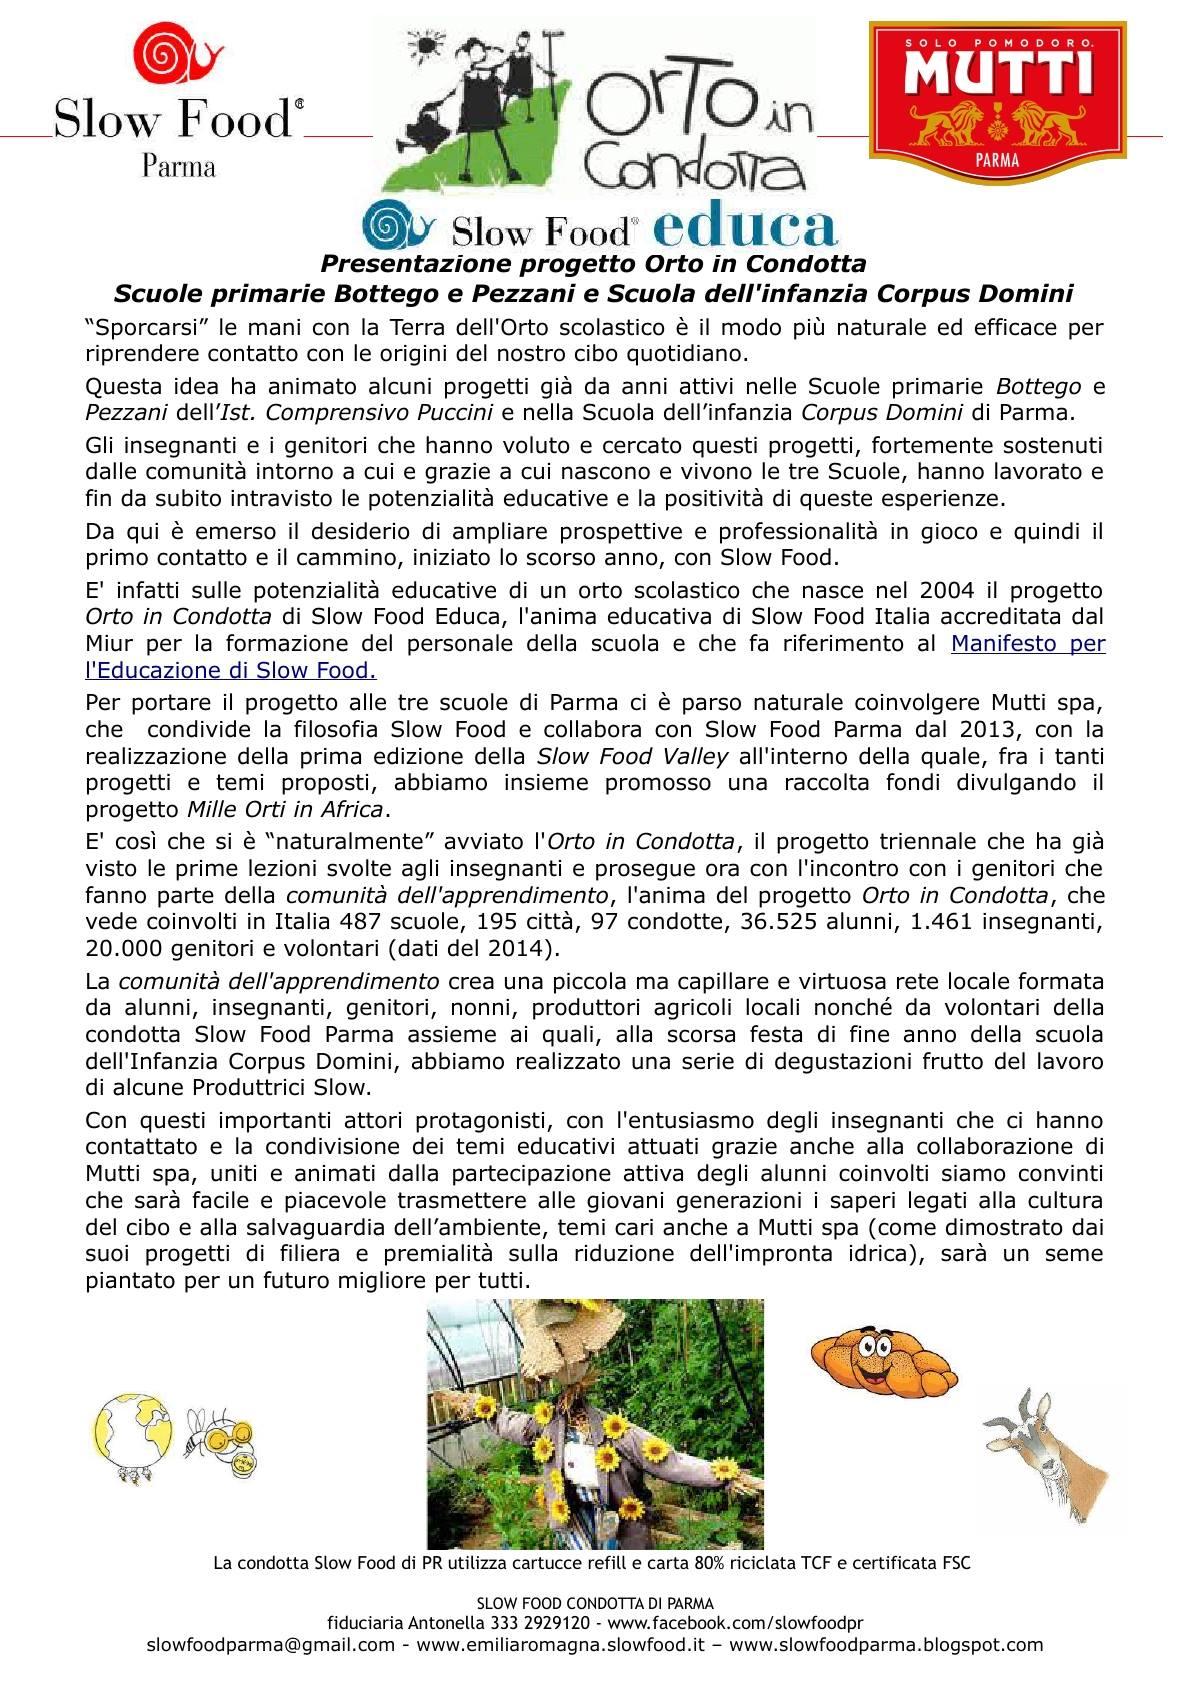 Slow Food Parma : partono gli Orti in Condotta!